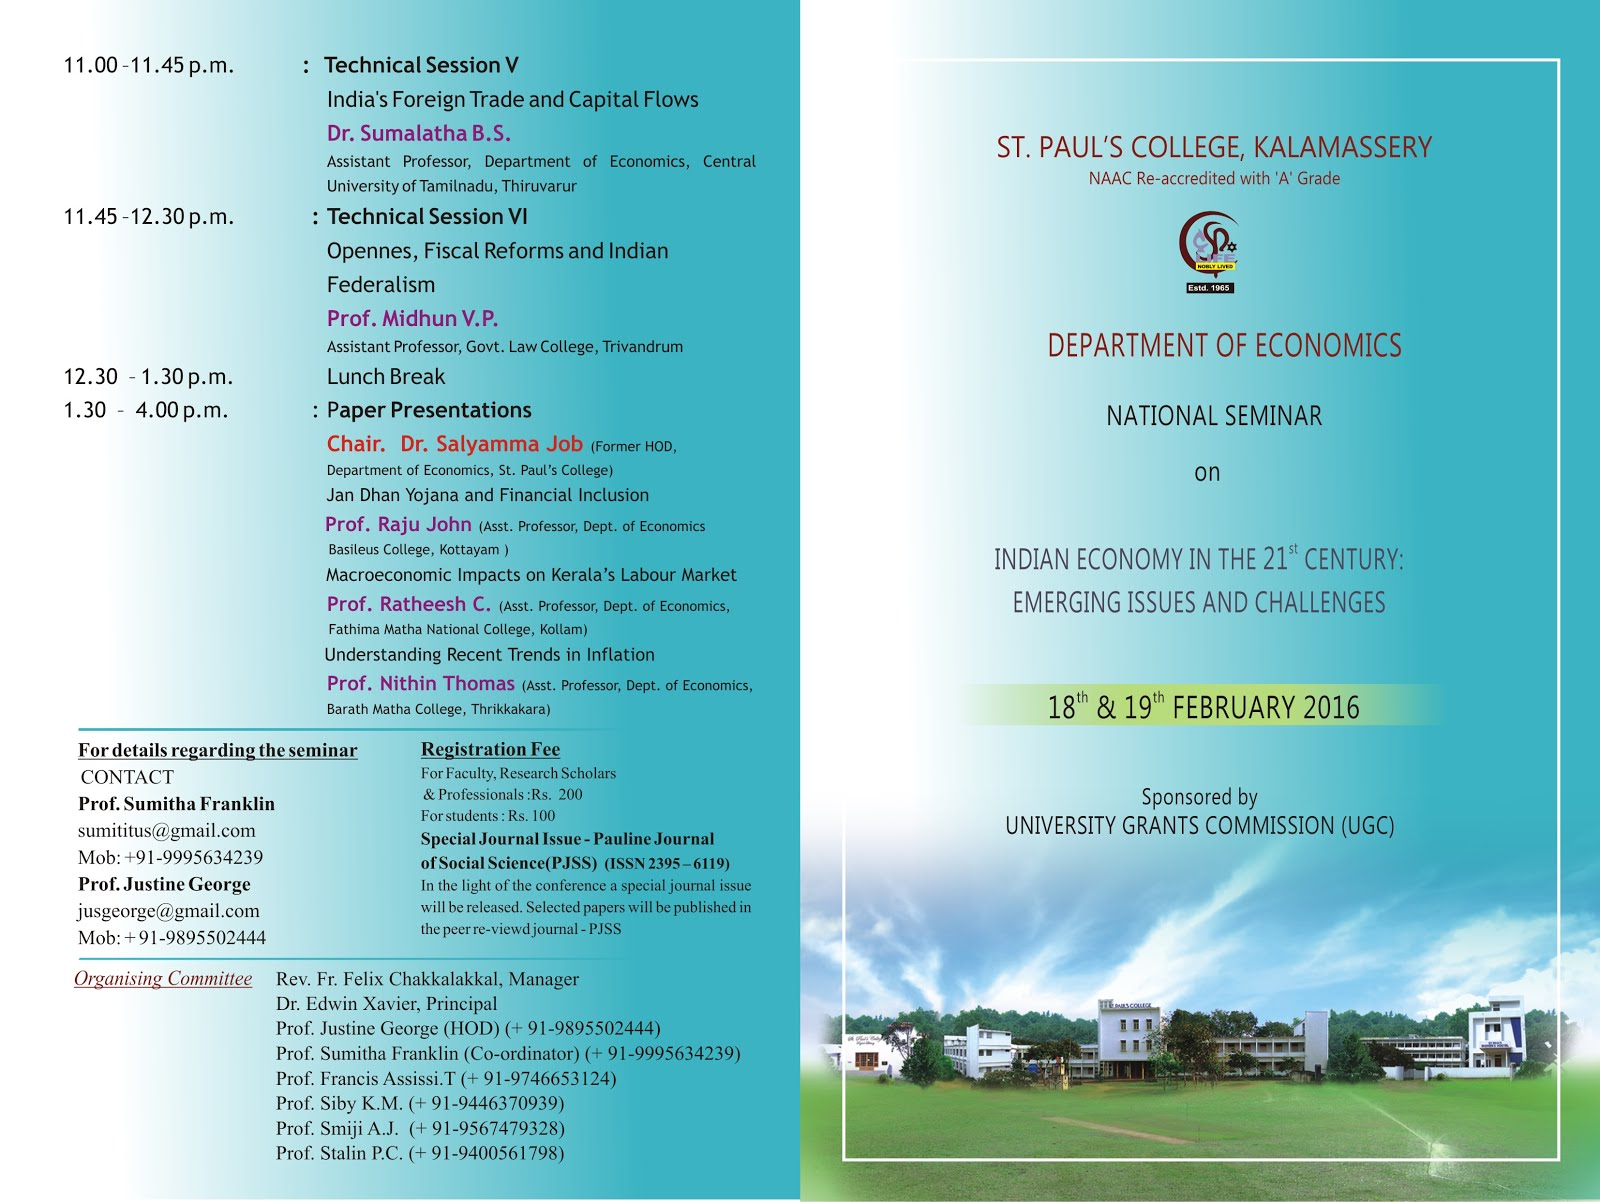 The Social Science Informer Seminar invitation